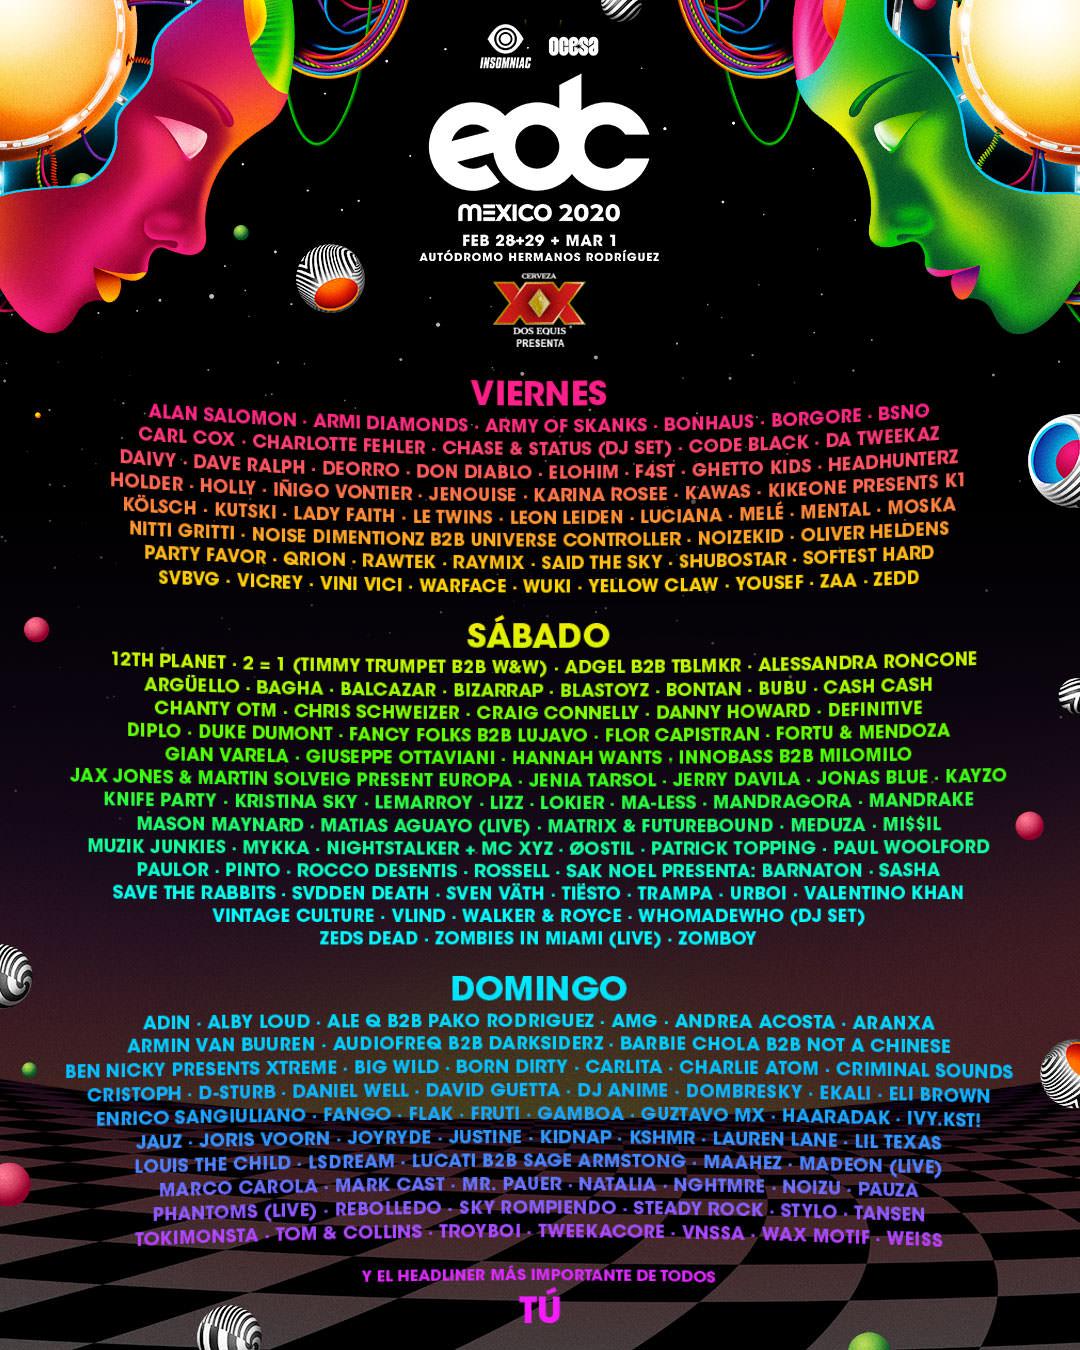 EDC México 2020 Lineup Completo